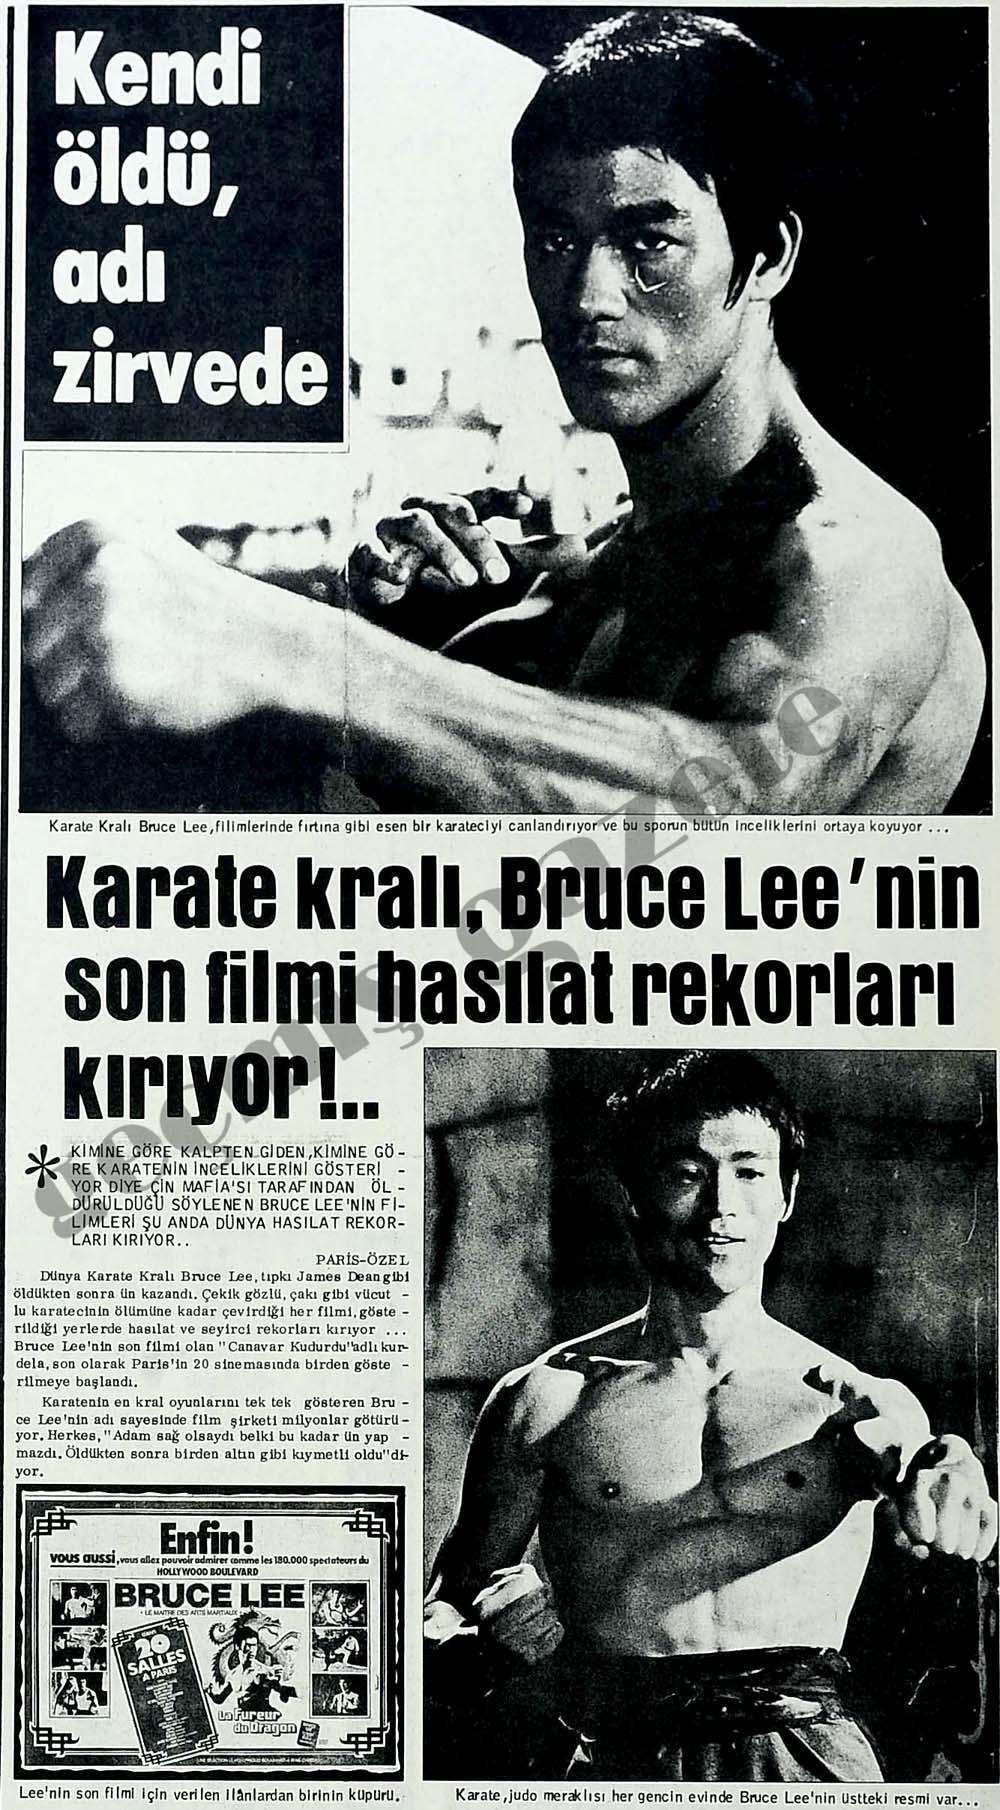 Karate kralı, Bruce Lee'nin son filmi hasılat rekorları kırıyor!..